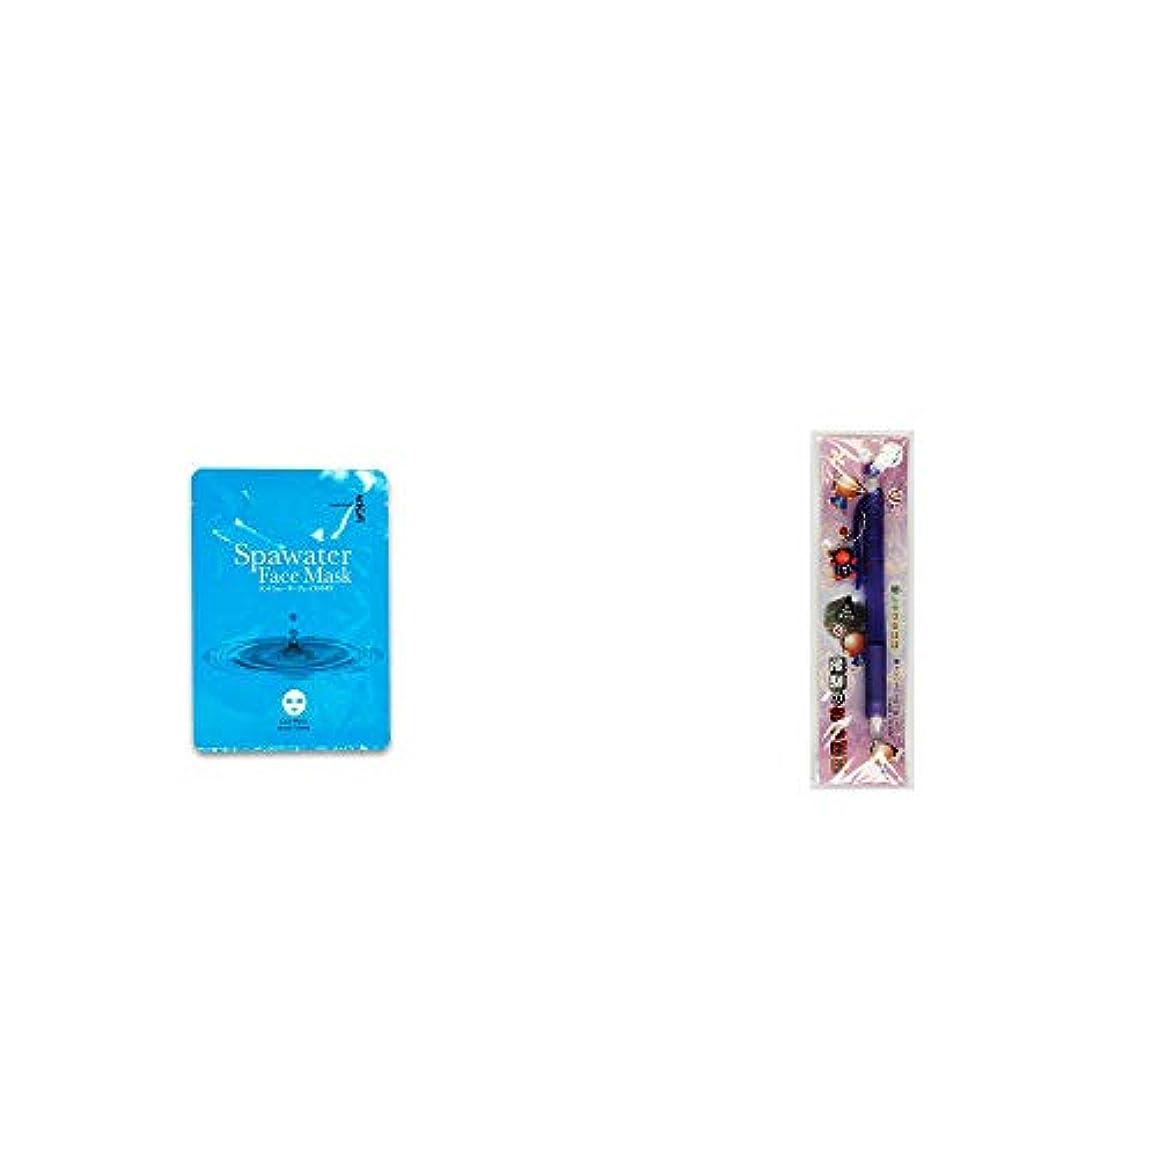 避けられないクモ無視[2点セット] ひのき炭黒泉 スパウォーターフェイスマスク(18ml×3枚入)?さるぼぼ 癒しシャープペン 【パープル】